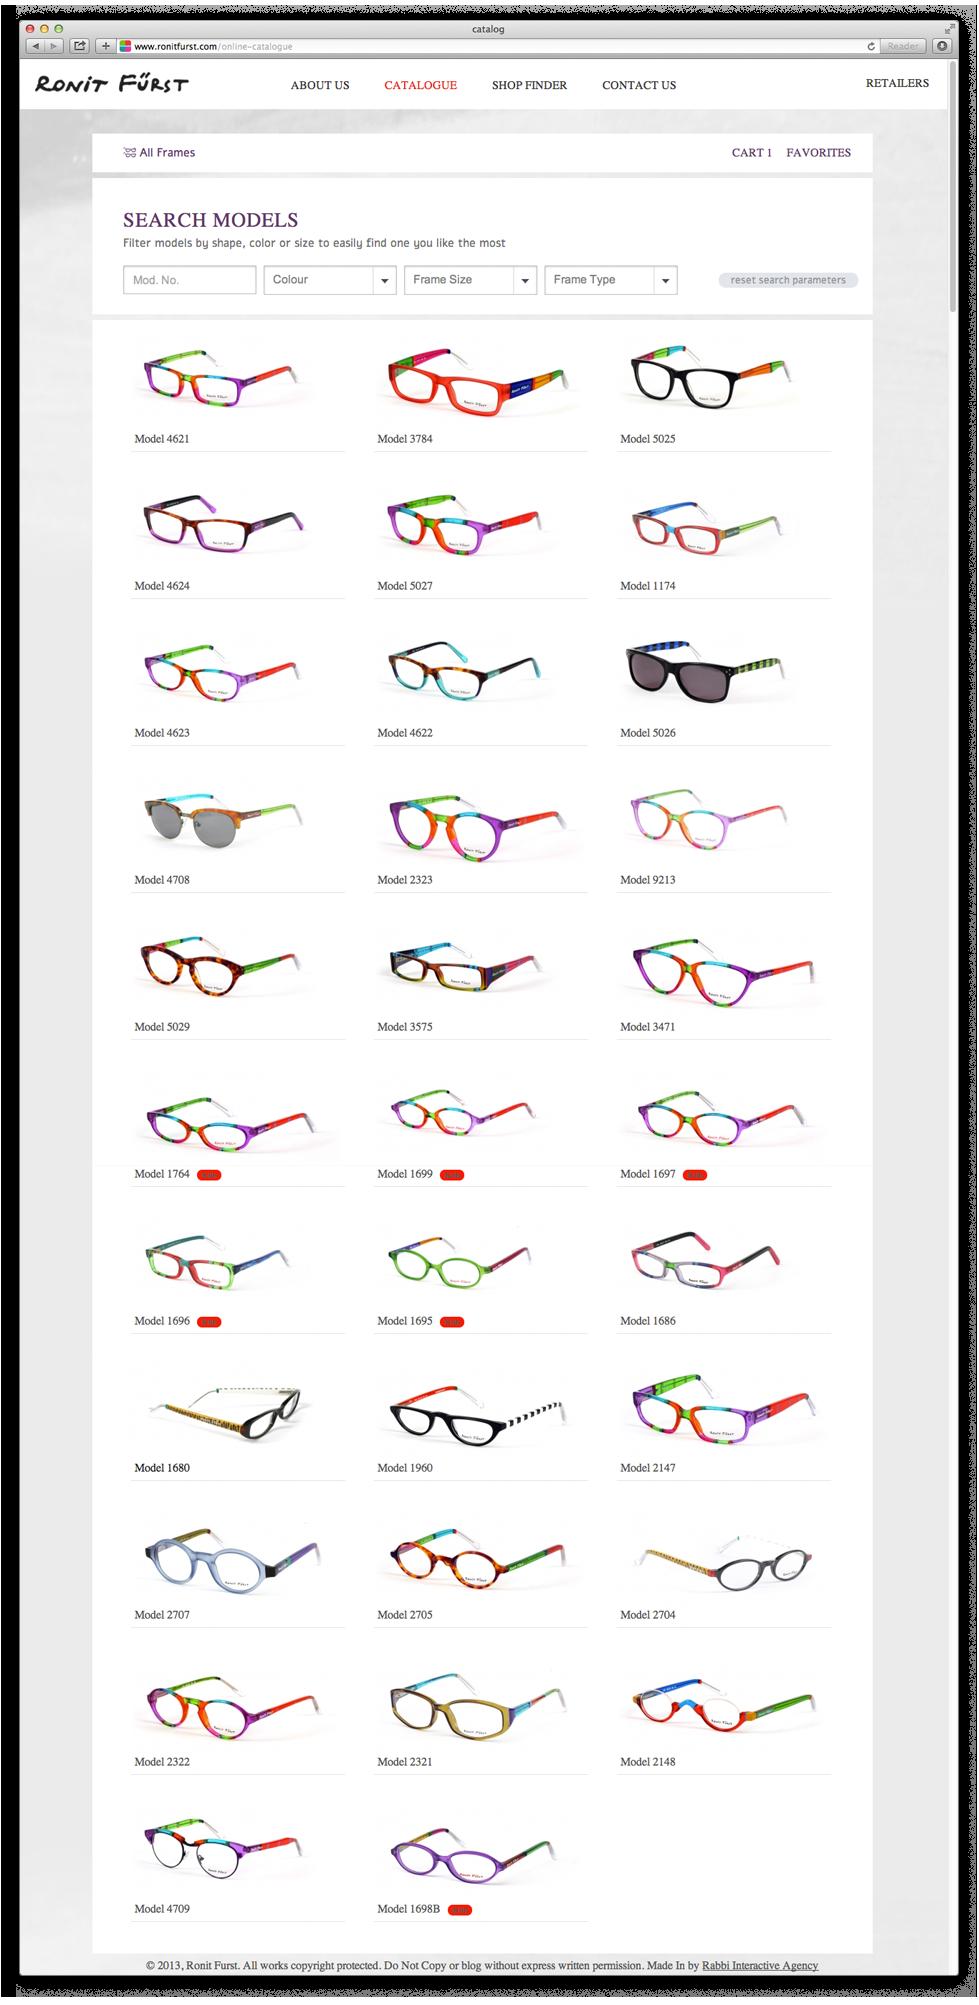 צפייה בקטלוג המשקפיים המלא המתעדכן בצורה חכמה בזמן אמת